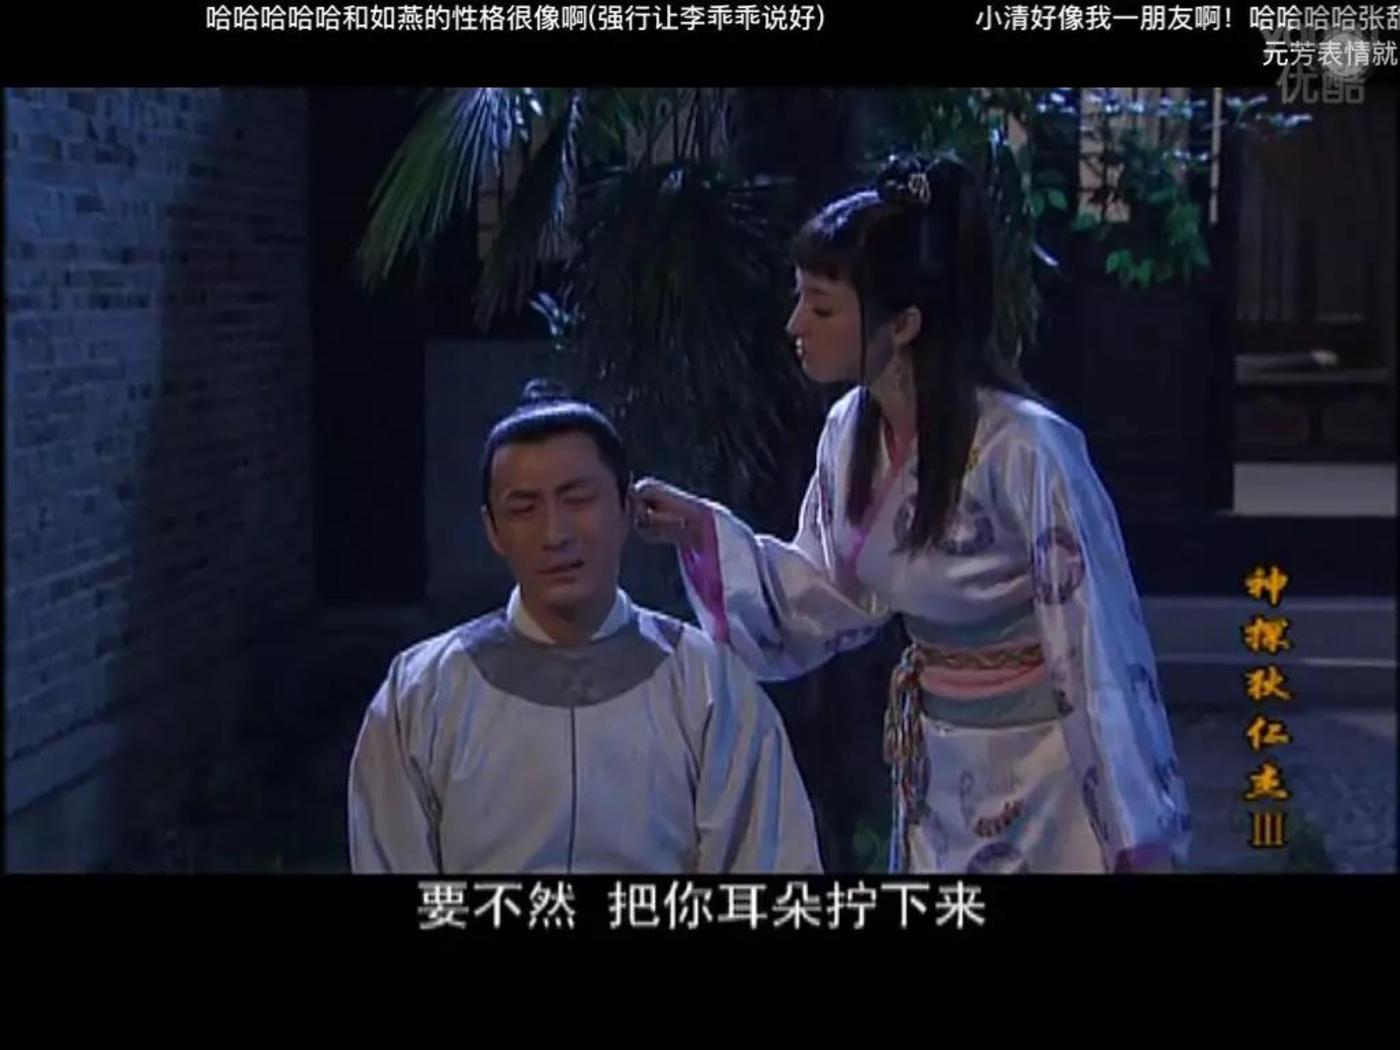 《神探狄仁杰3》里元芳和董璇cp感十足